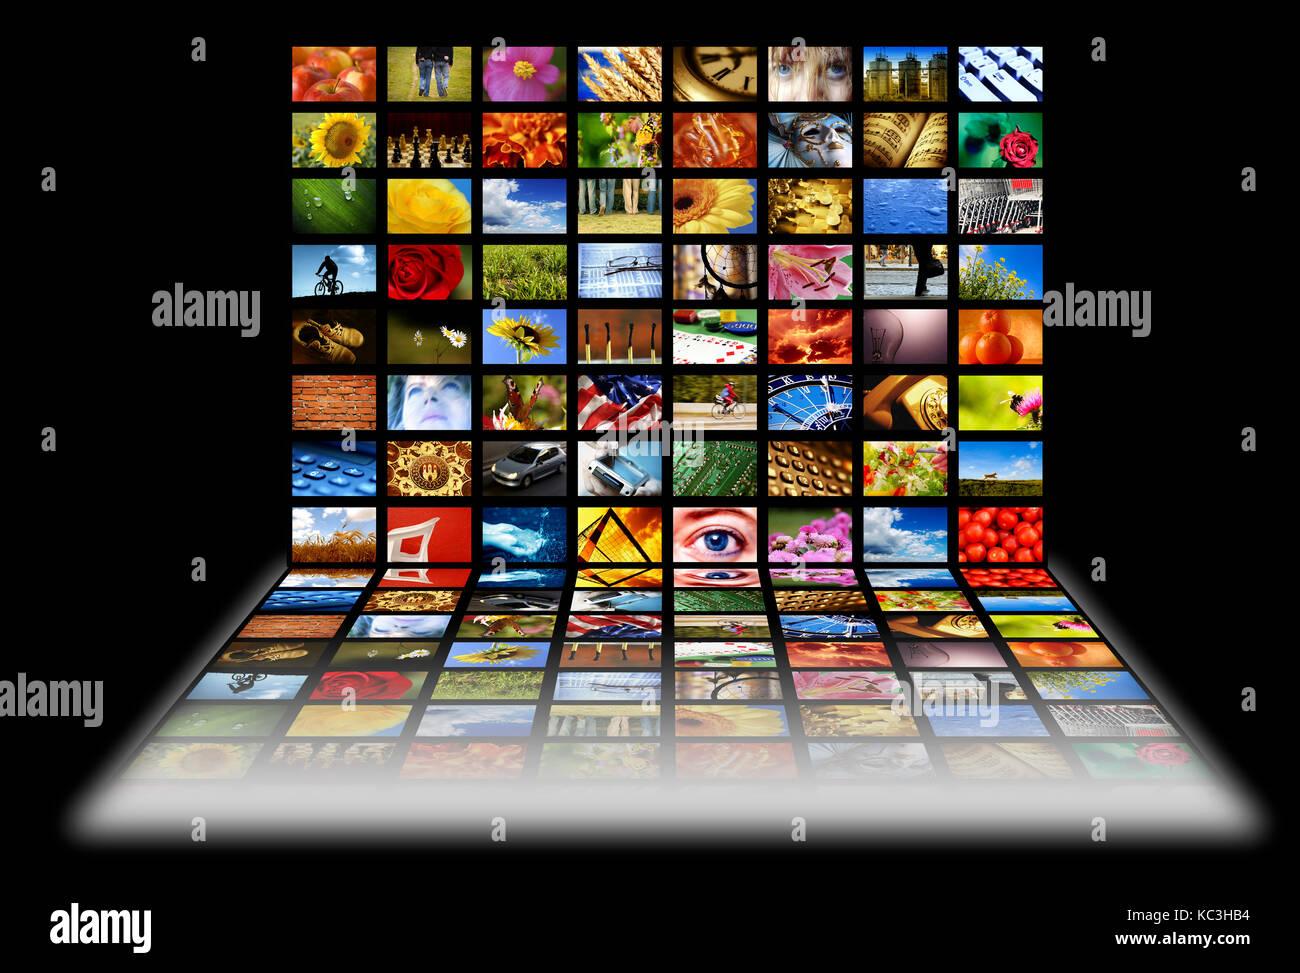 Viele Bildschirme mit Bildern Stockbild